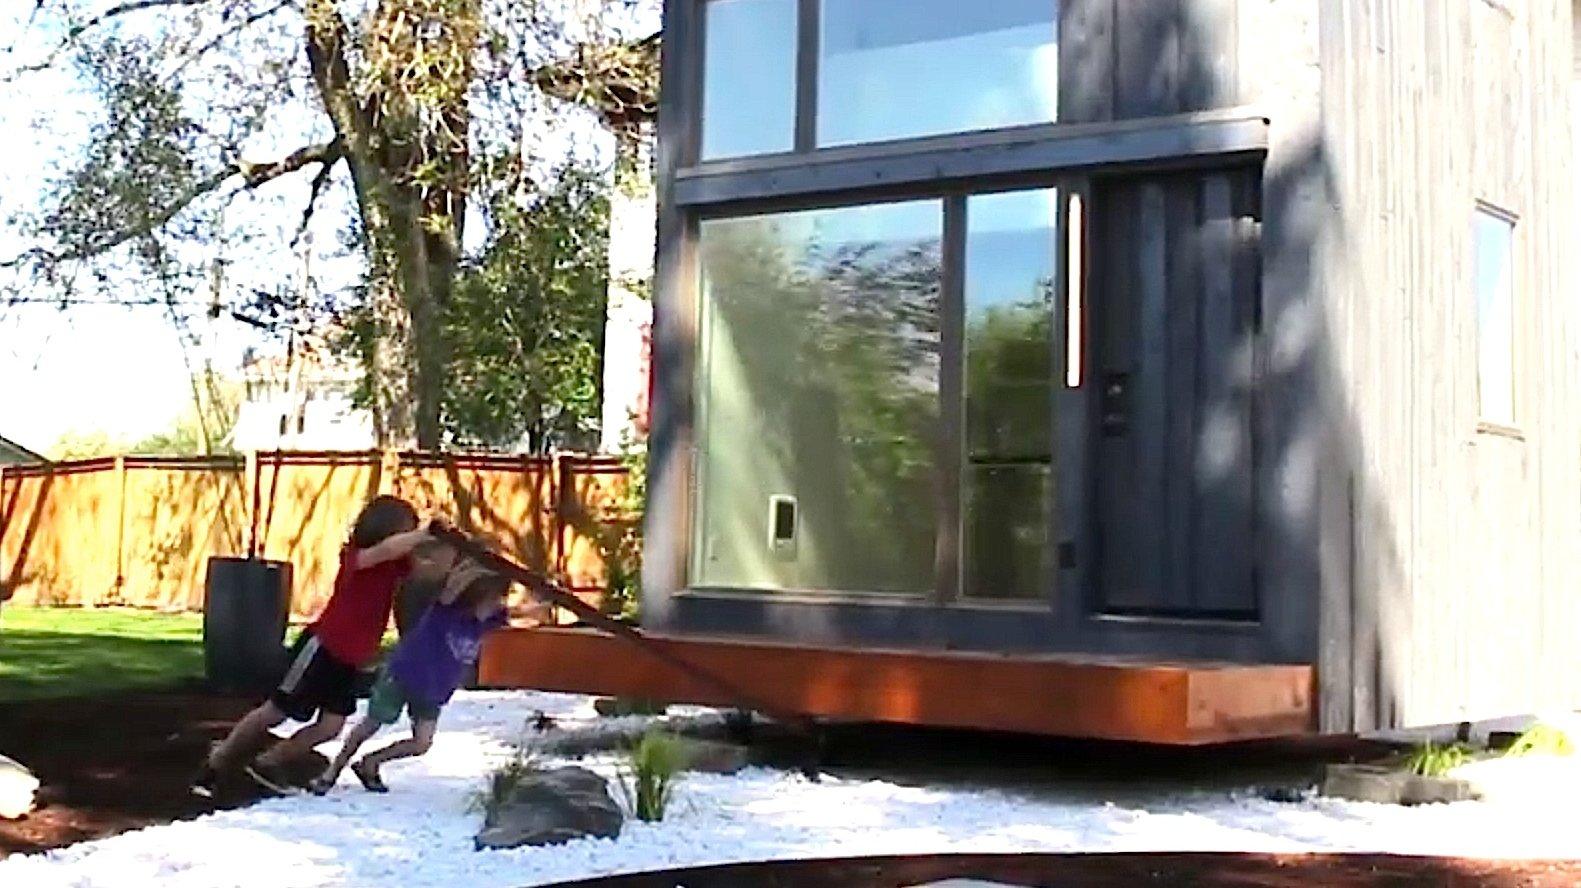 Zwei Kinder drehen das Haus 359 mit einem Hebel in die Sonne. Somit ist bei gutem Wetter Sonne satt im Wohnzimmer garantiert – egal zu welcher Tageszeit.